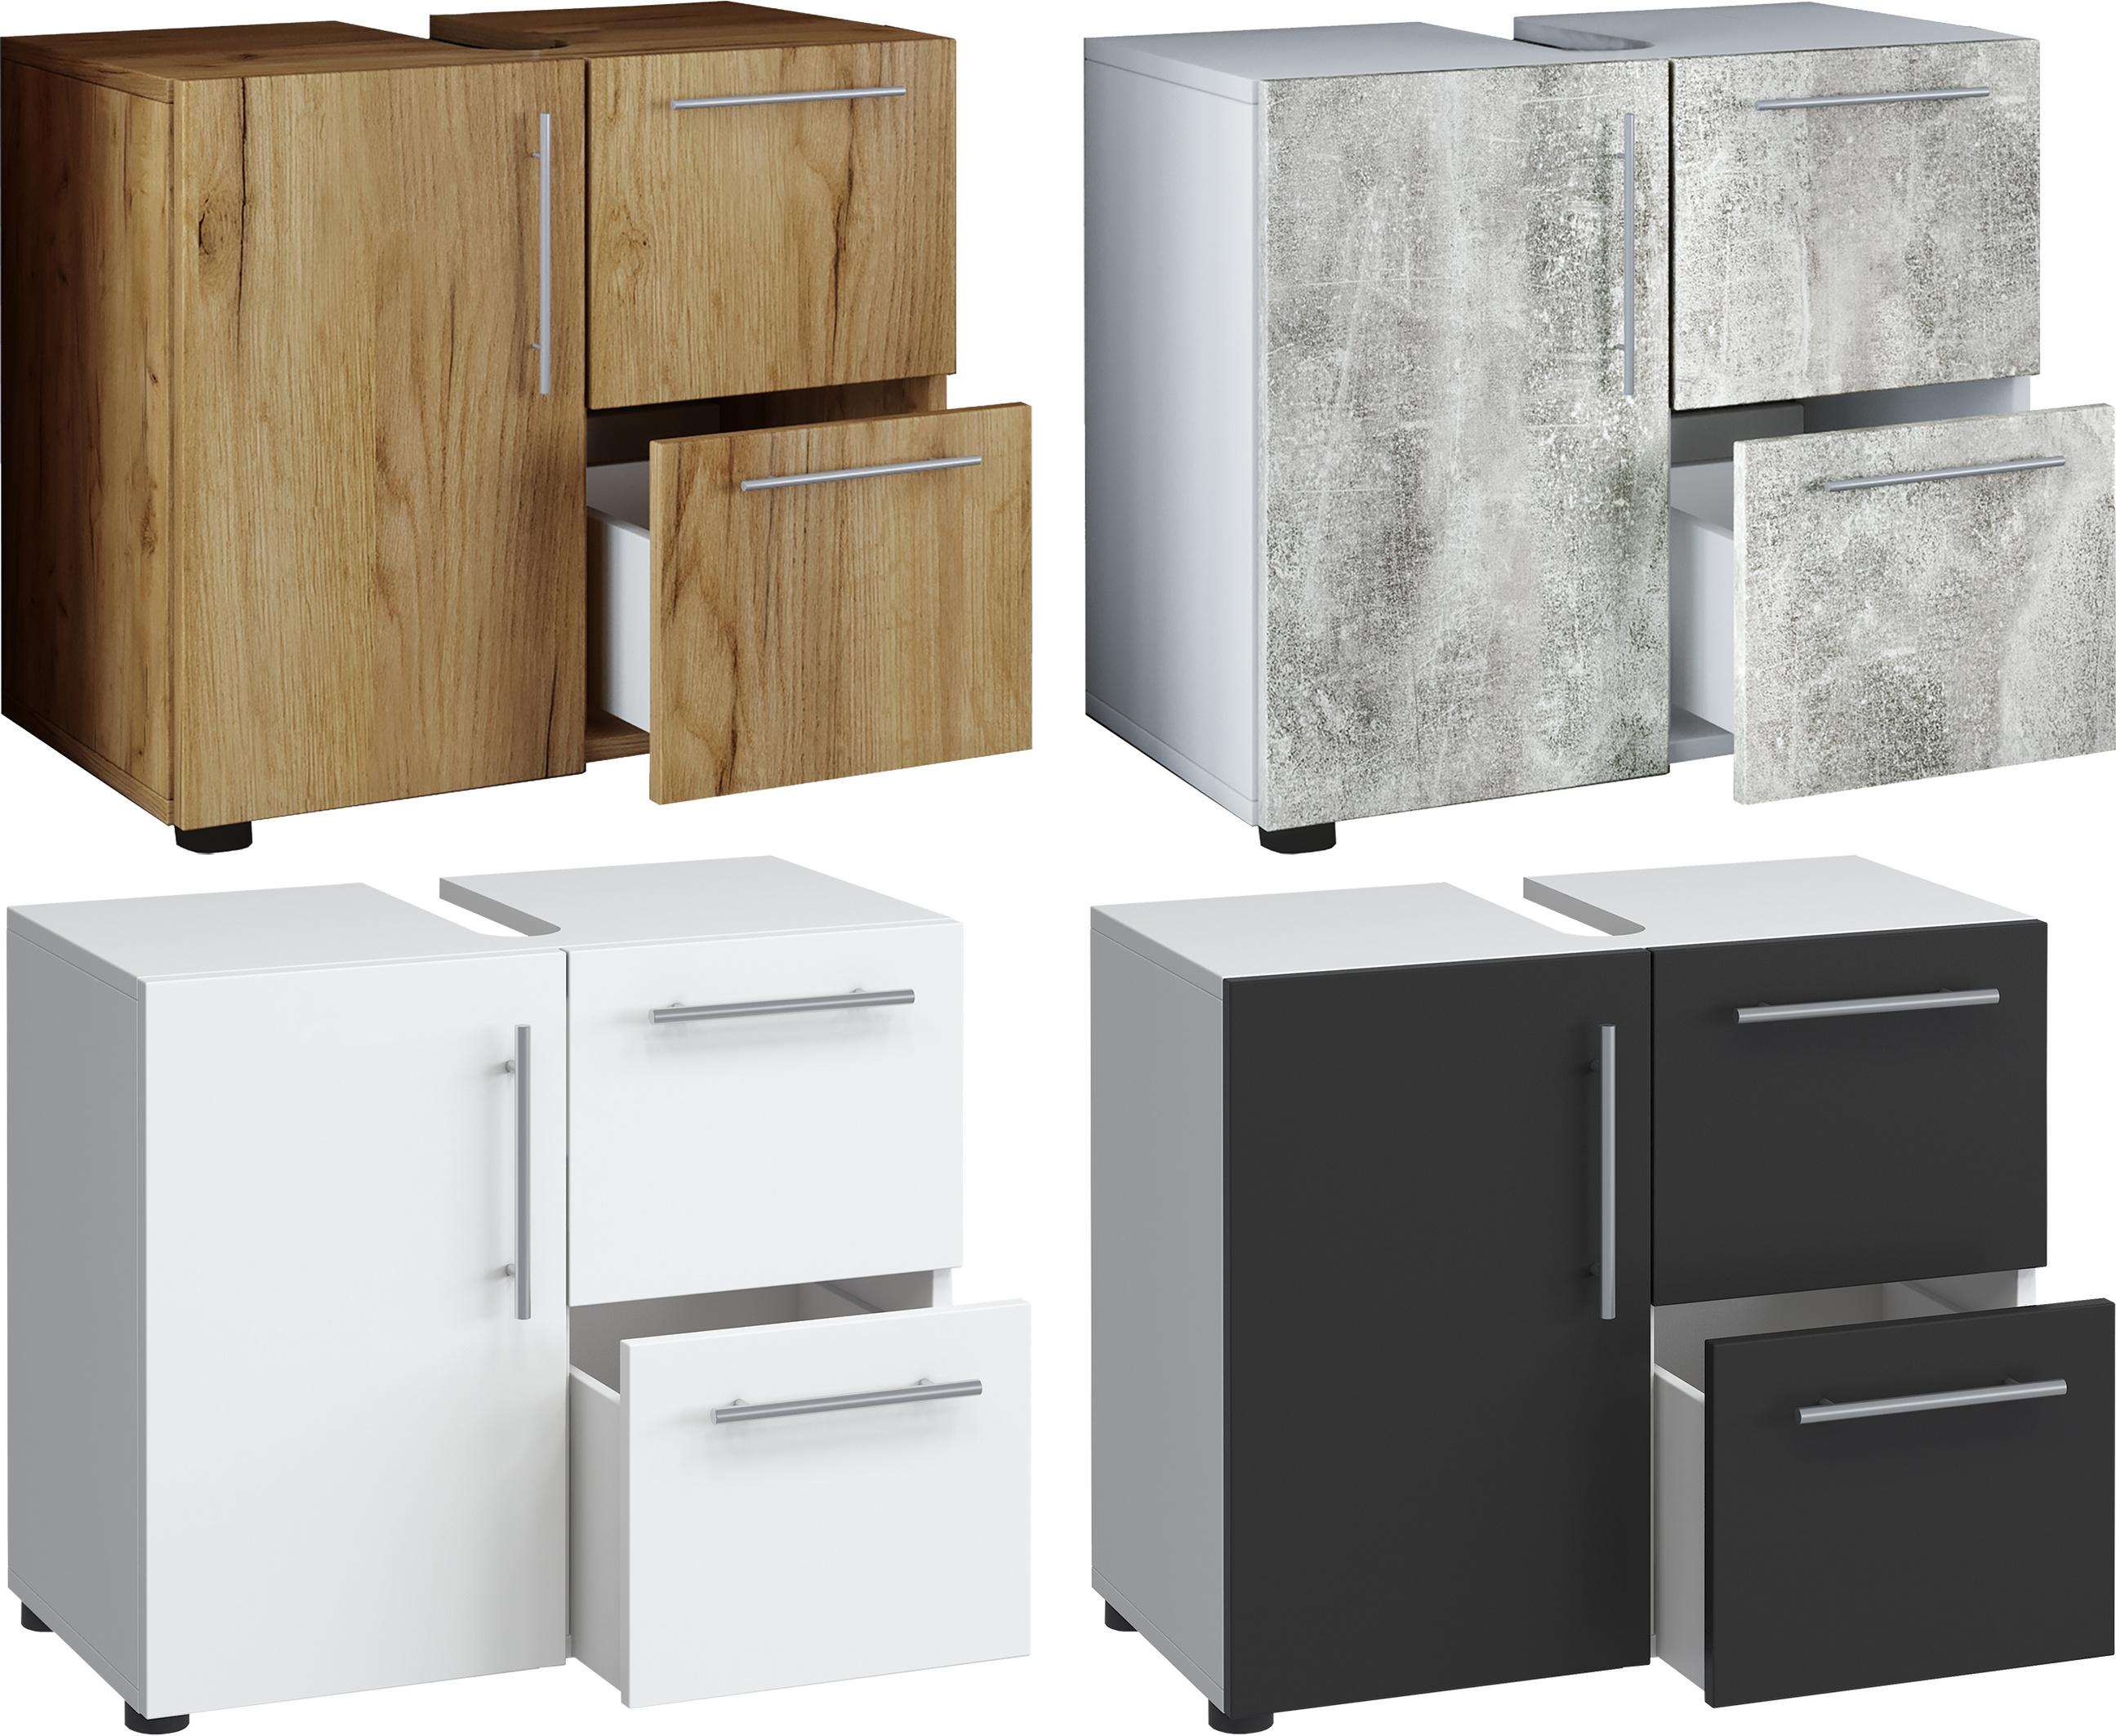 VCM Bad Unterschrank Waschtisch Waschbeckenunterschrank Badunterschrank  Schrank Möbel